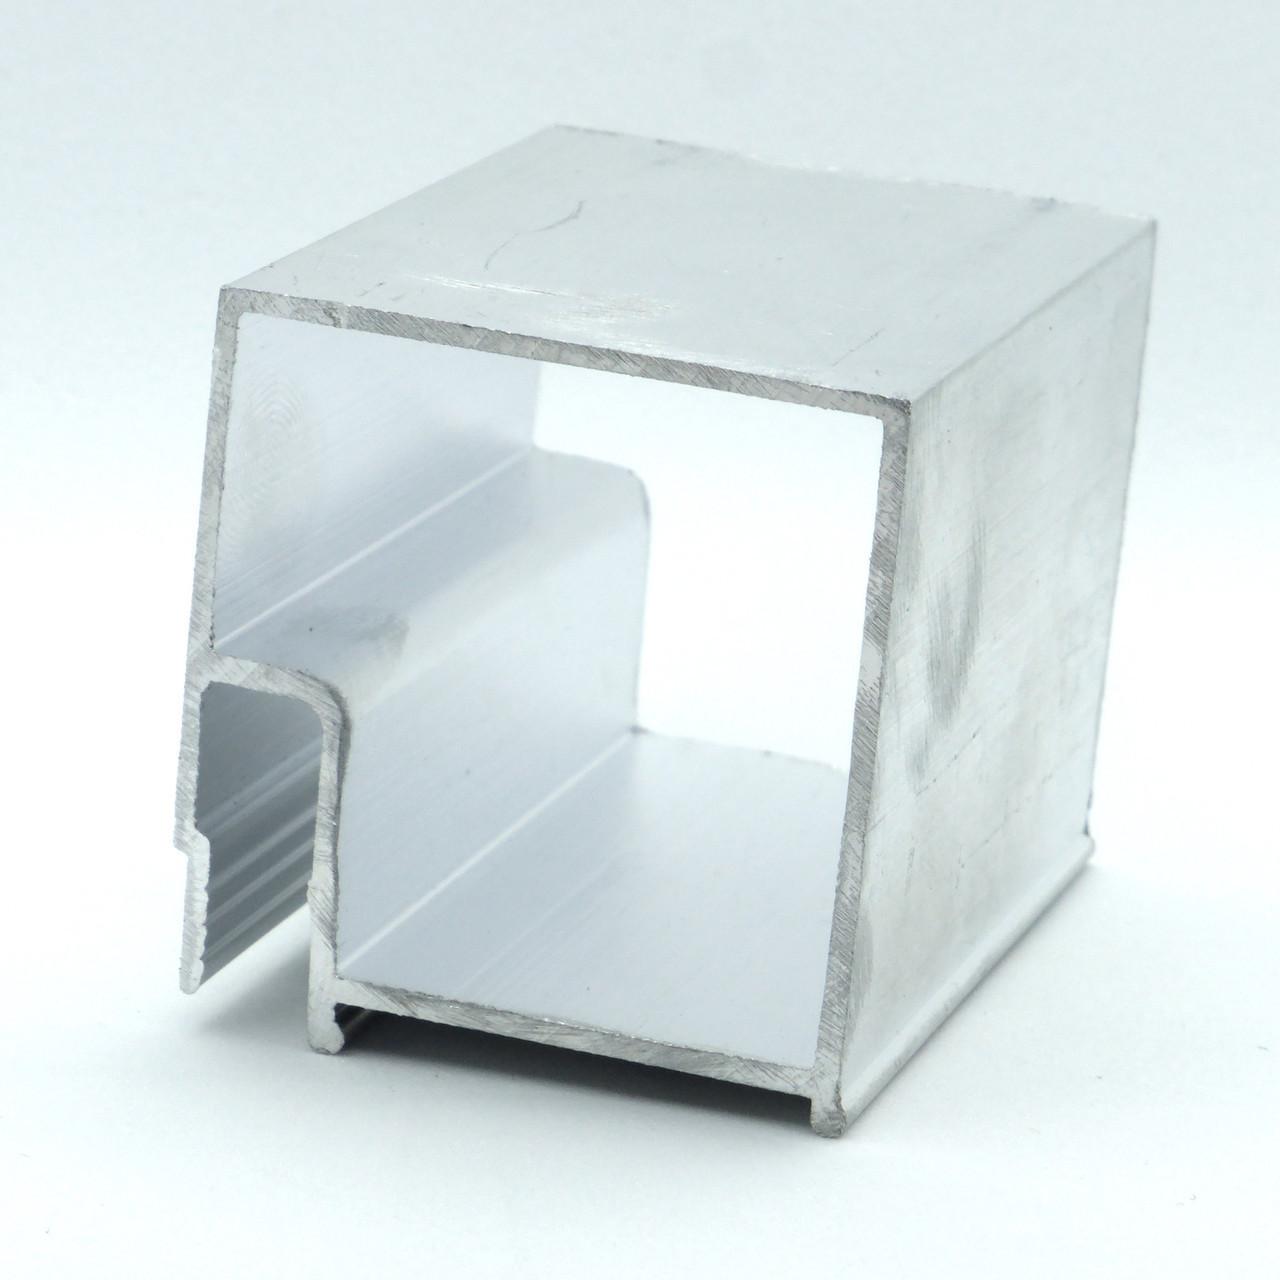 Профиль алюминиевый для натяжных потолков - Брус. Длина профиля 2,5 м.